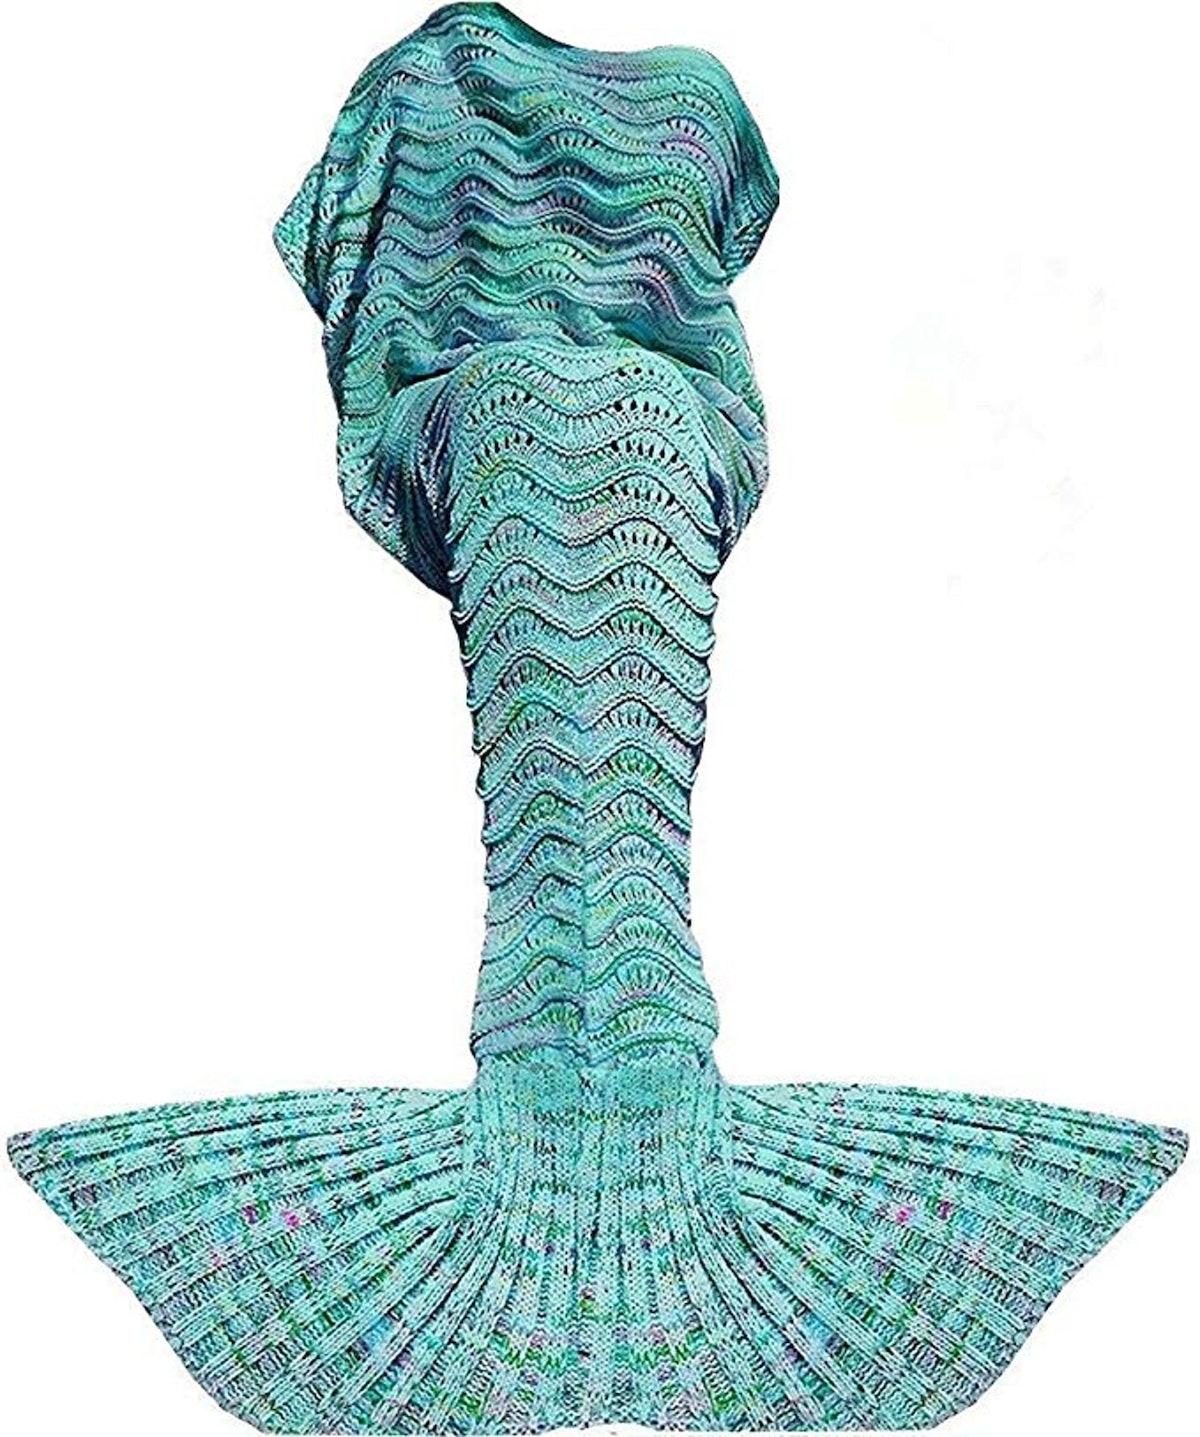 Fu Store Mermaid Tail Blanket